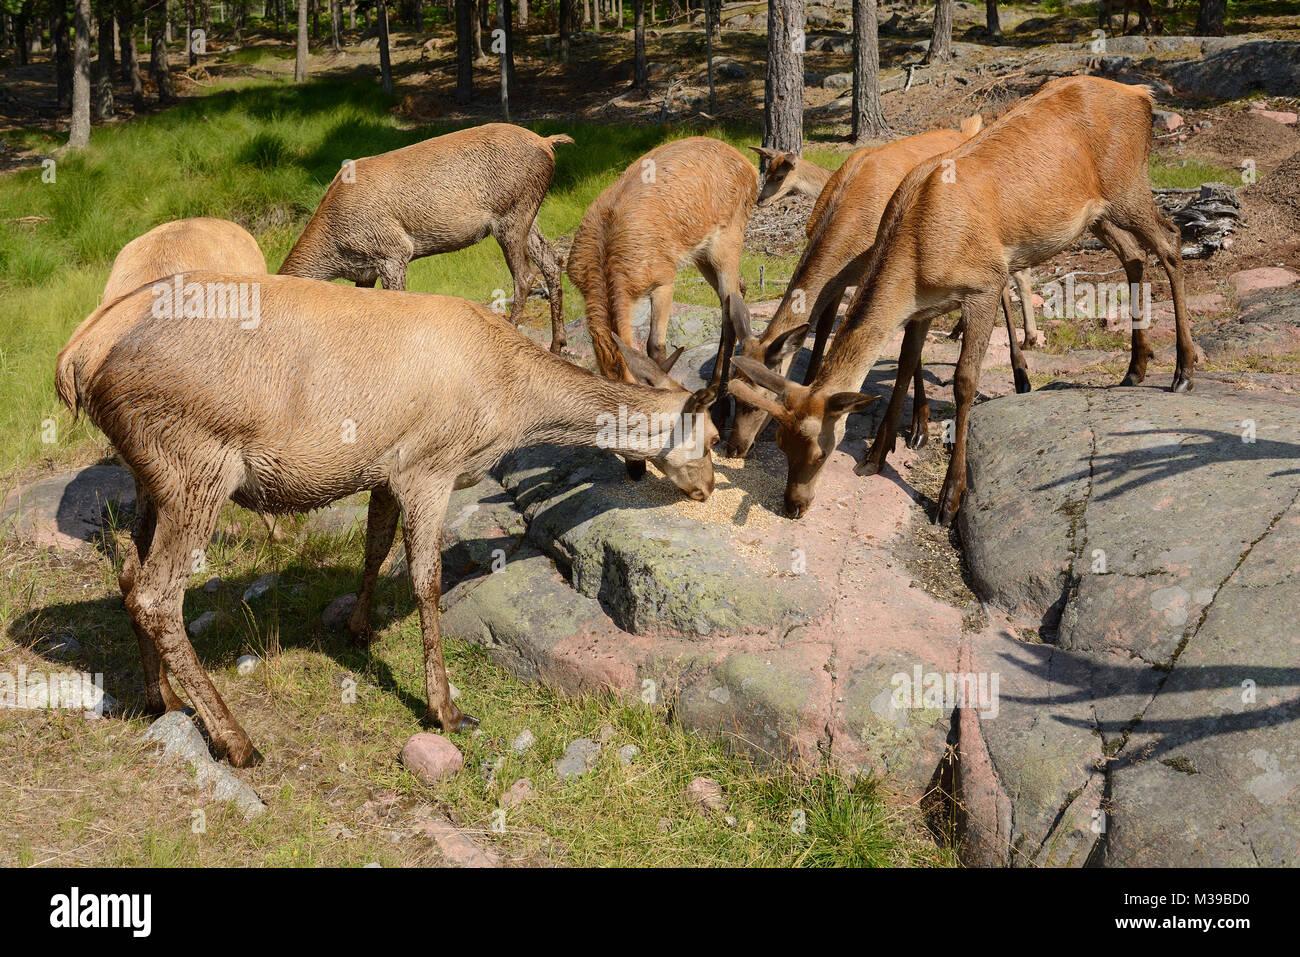 Herd of Red deer (Cervus elaphus) eat grain in forest - Stock Image